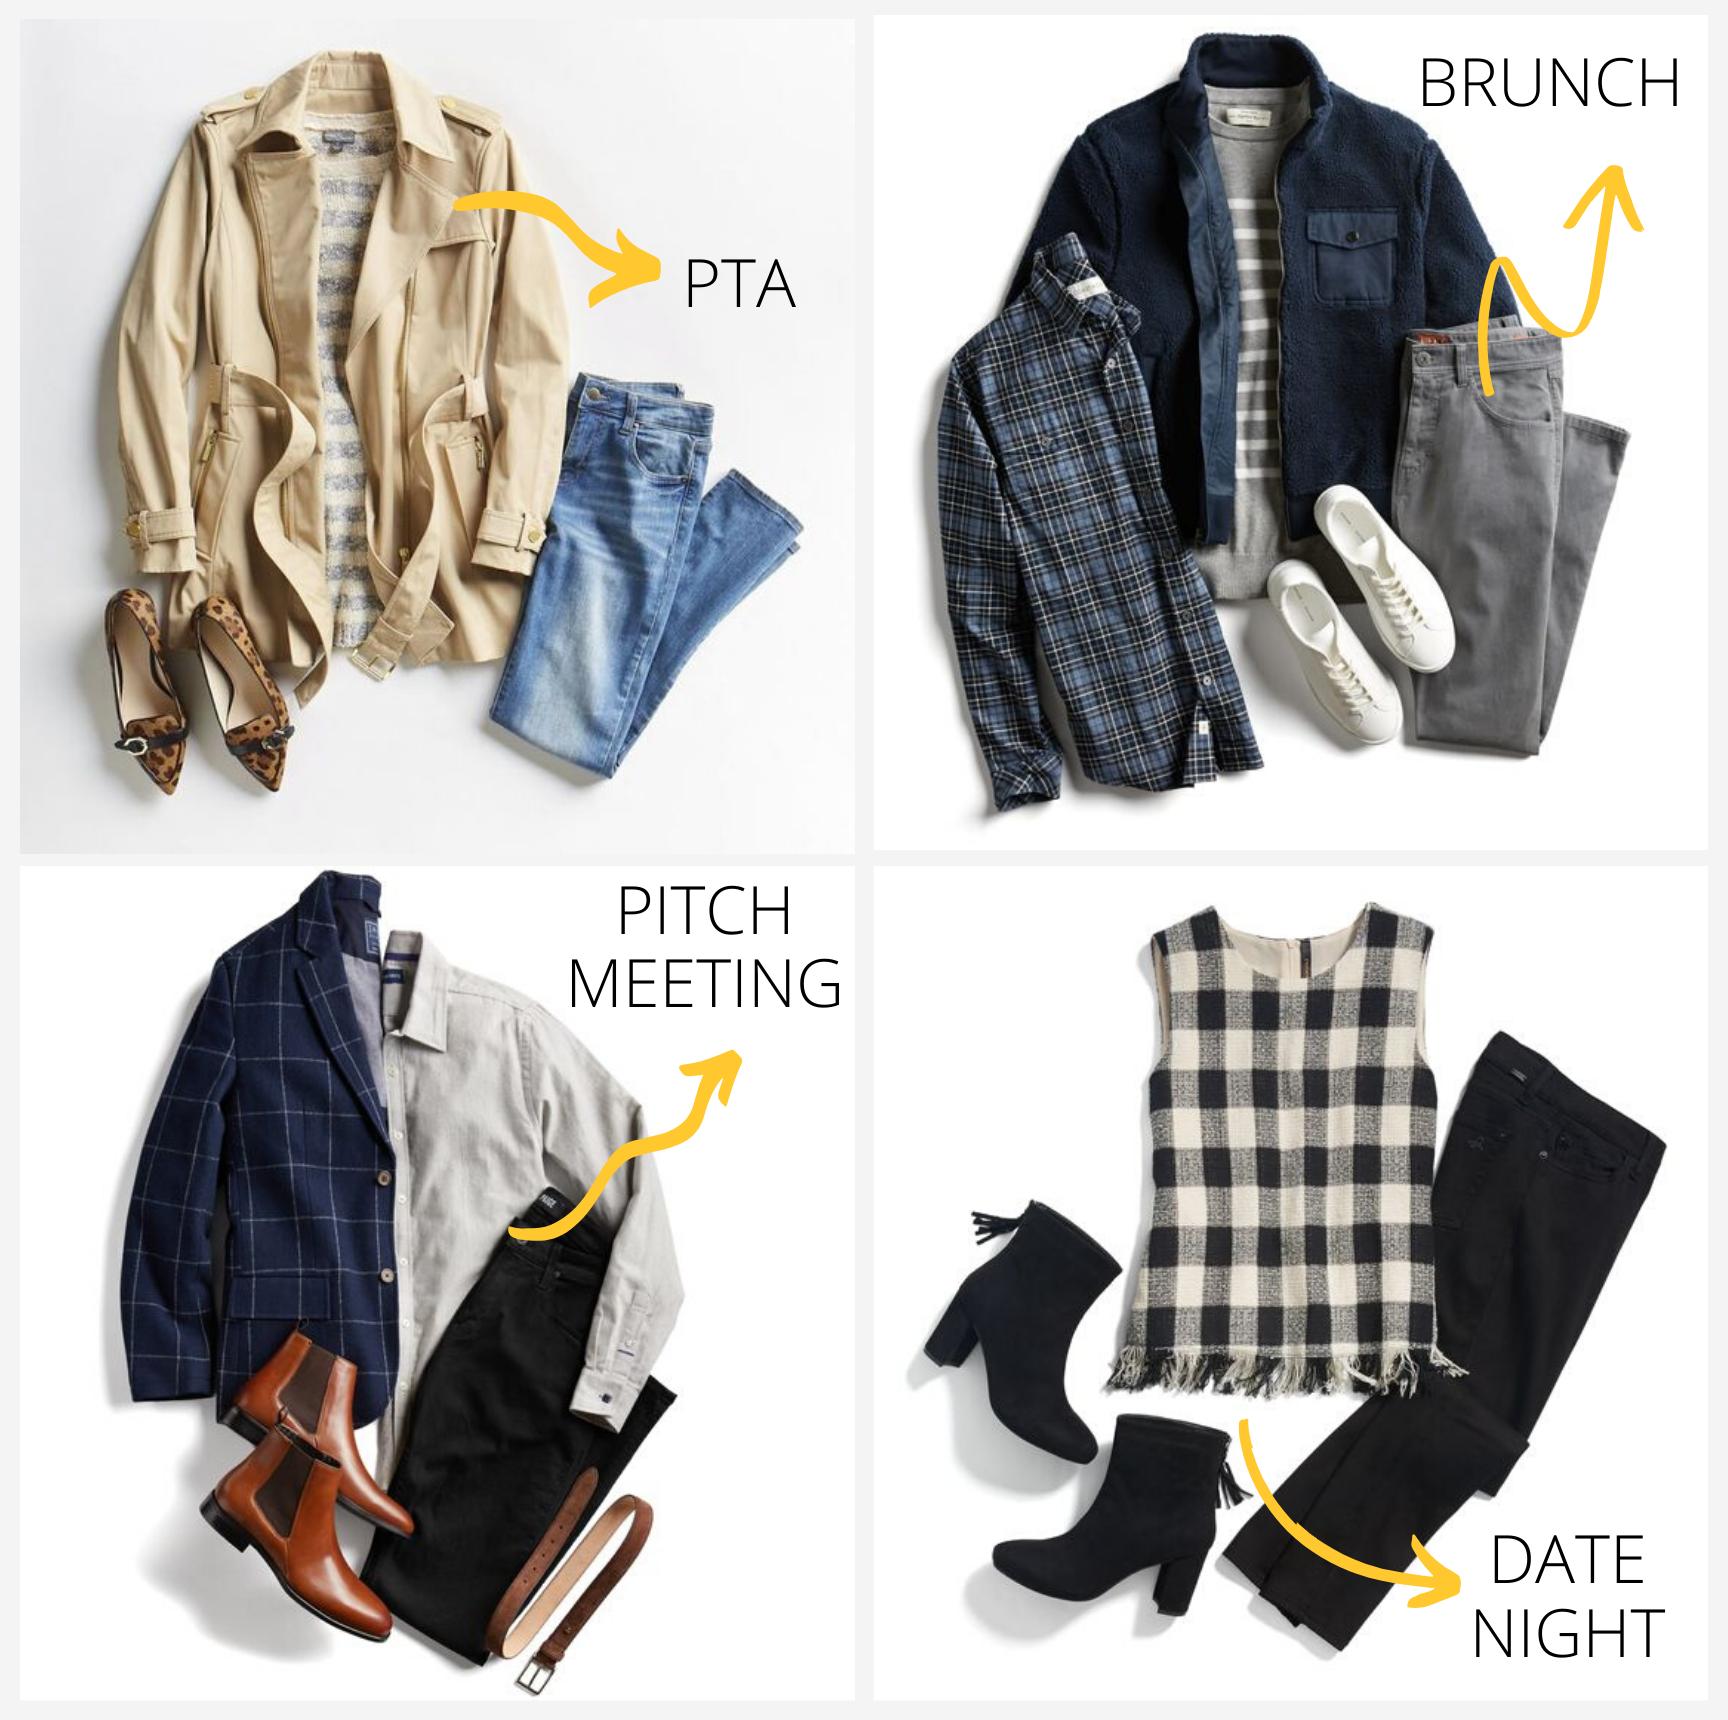 digital-outfit-lookbooks